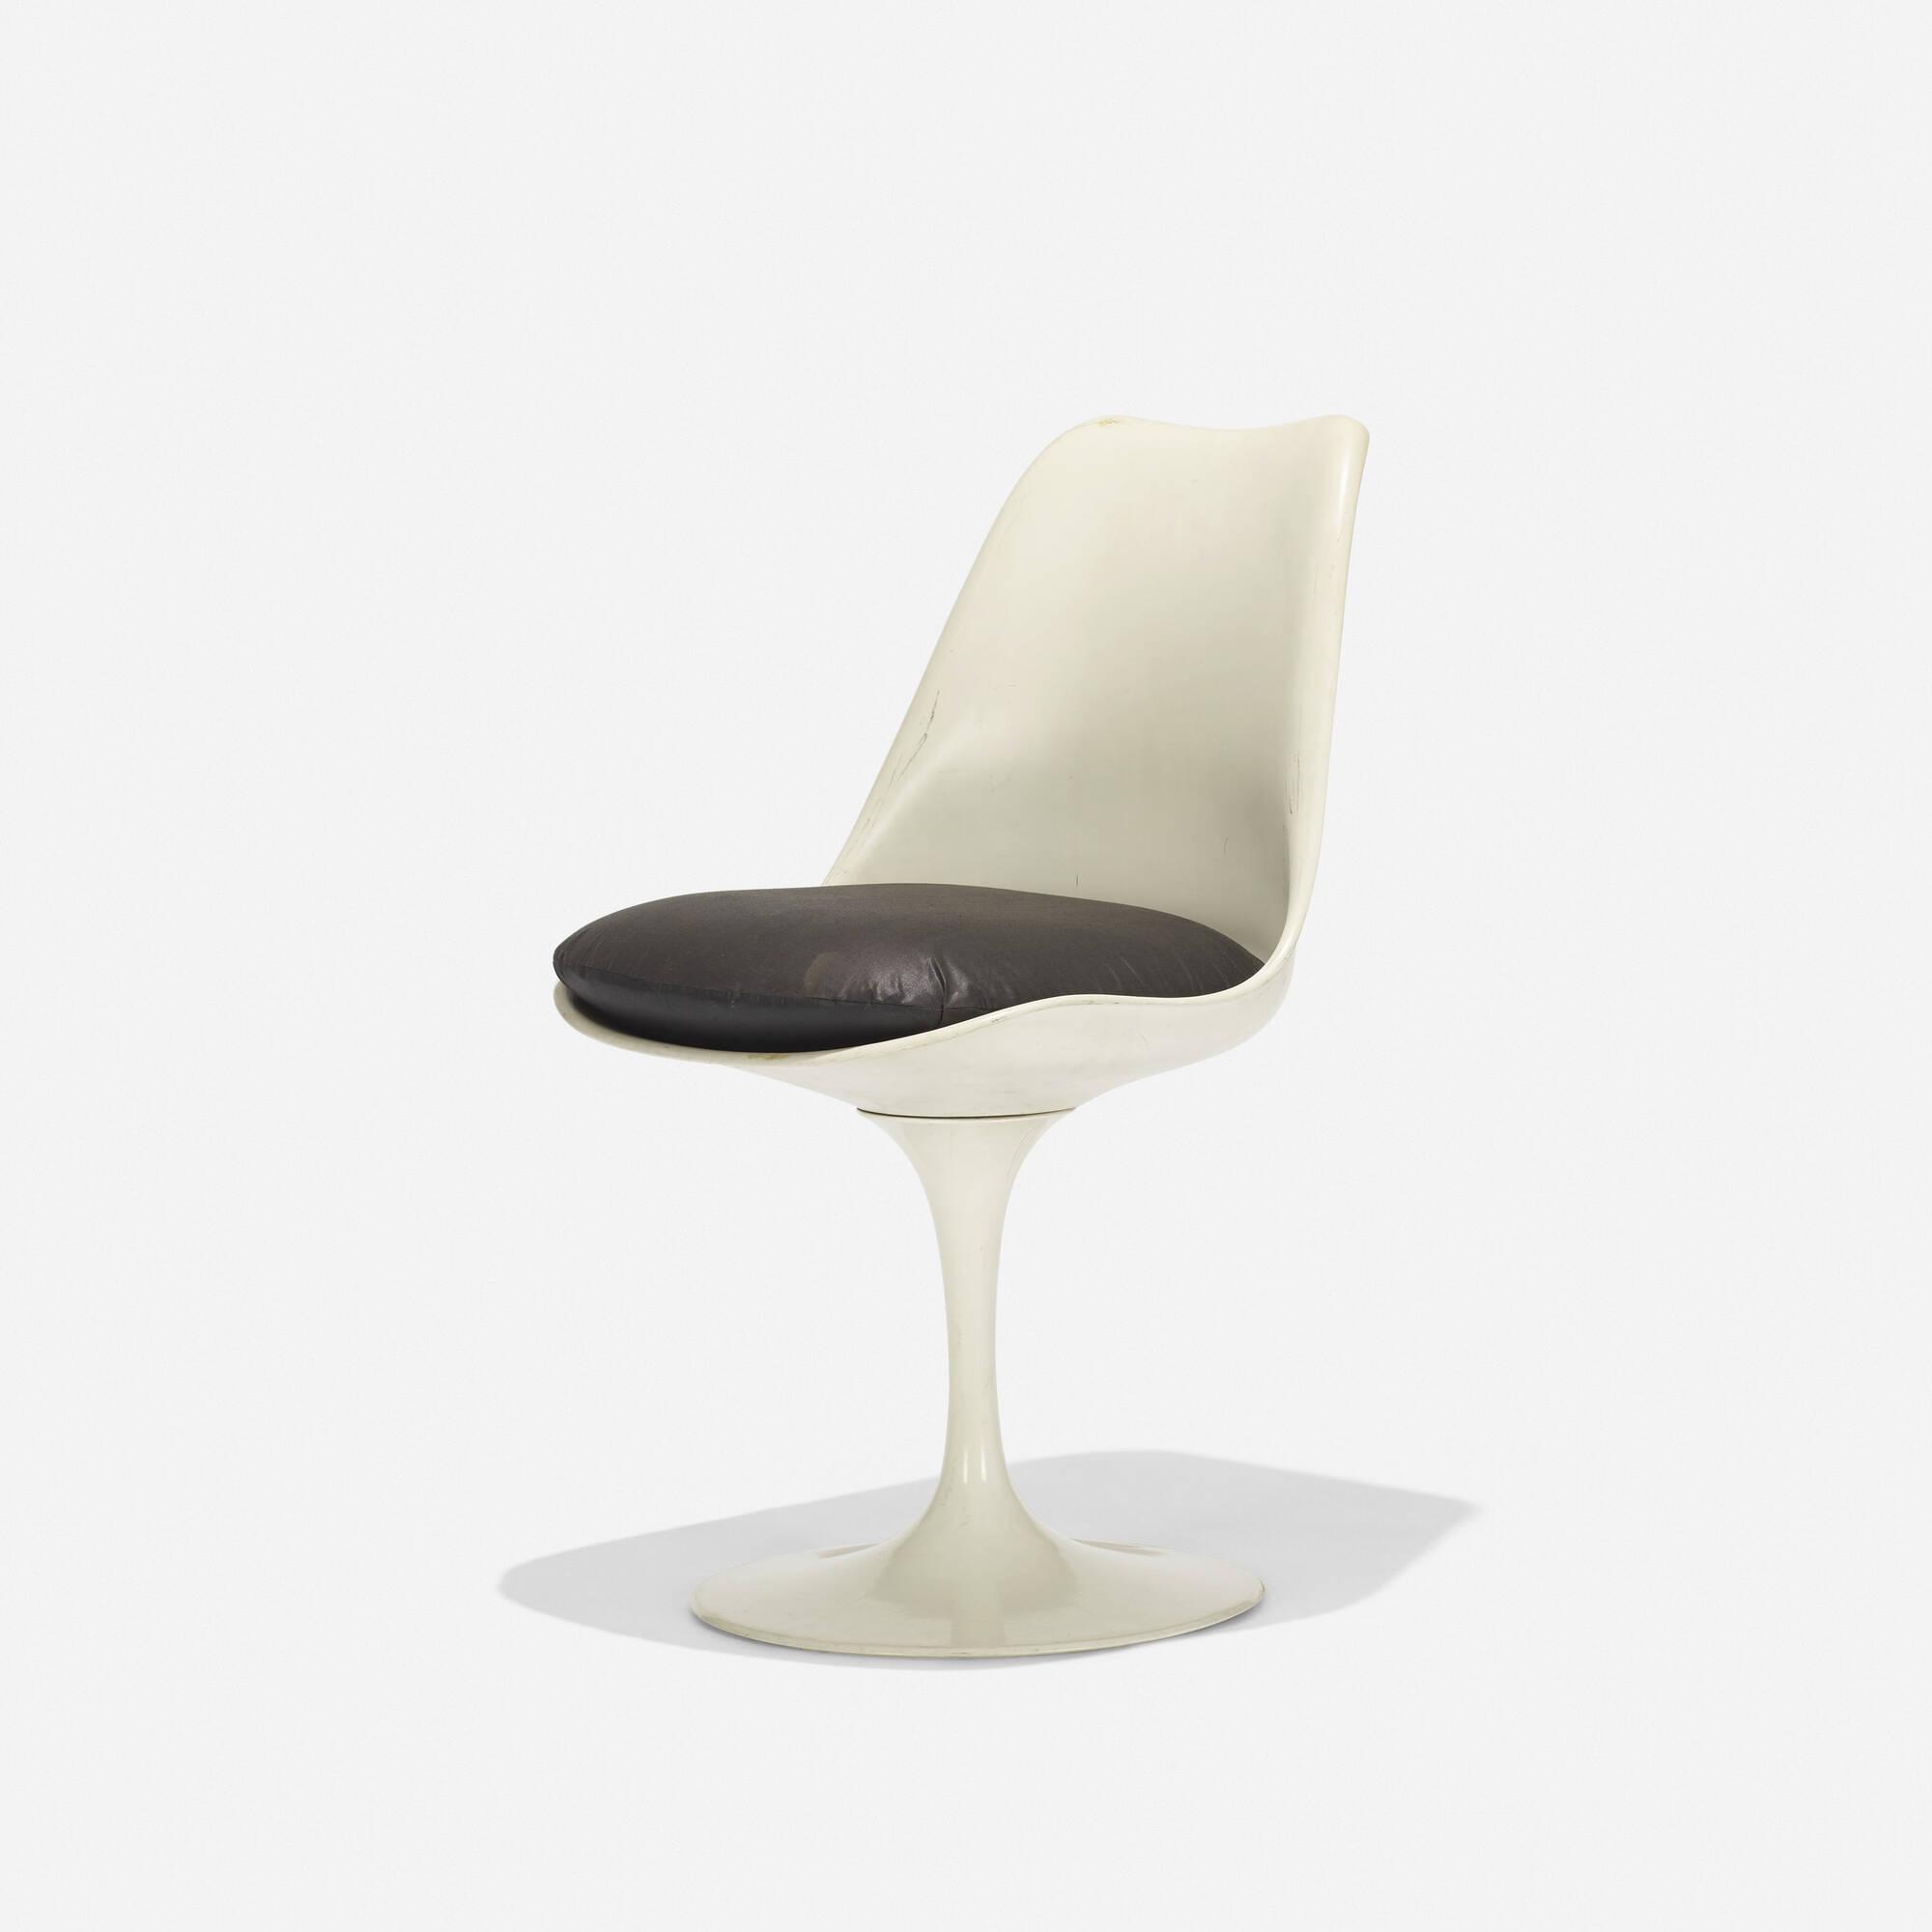 121 EERO SAARINEN Tulip chair Taxonomy of Design Selections